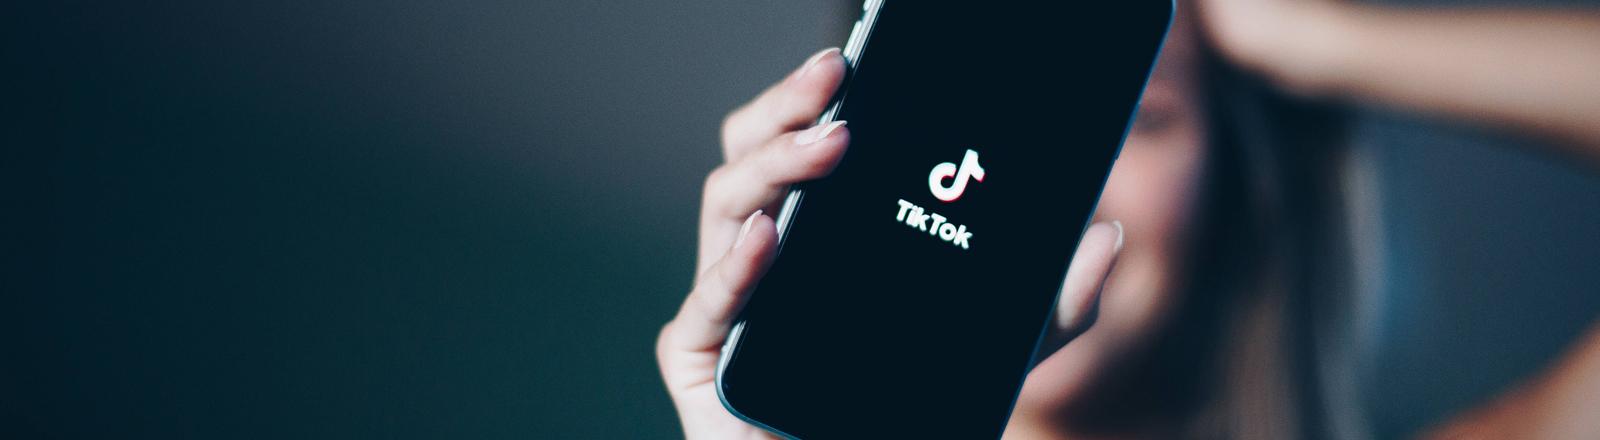 Frau hält ein Handy mit der TikTok-App.